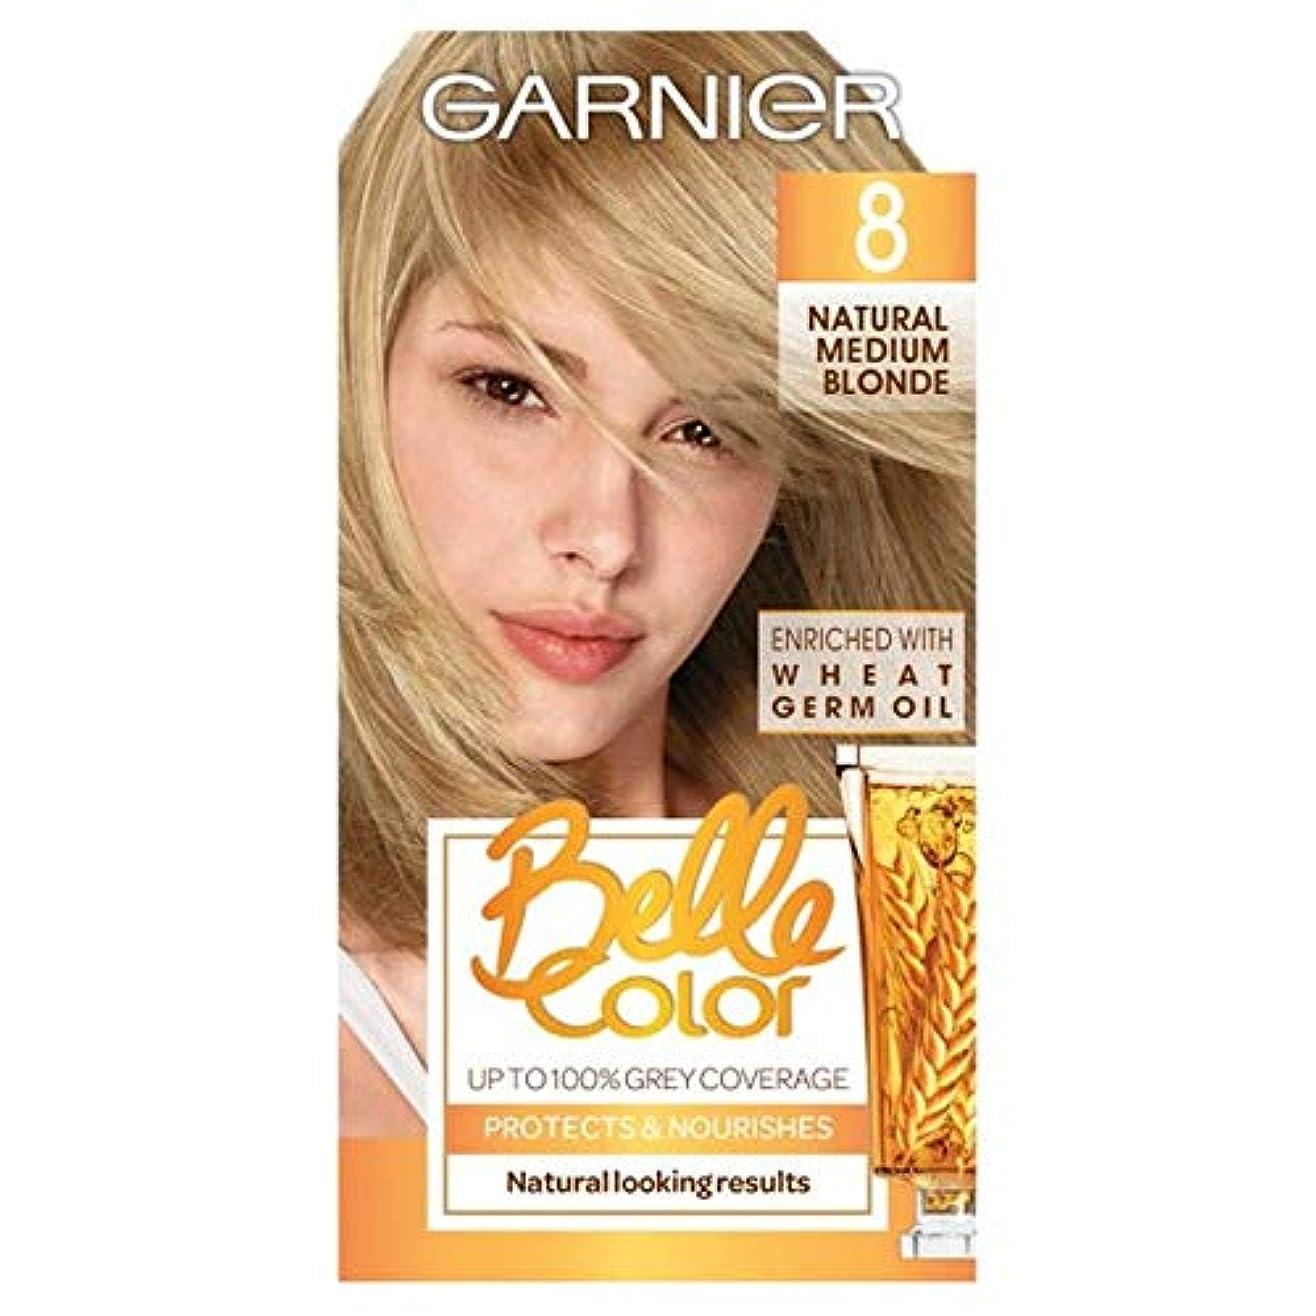 作物ジャム振動する[Belle Color ] ガーン/ベル/Clr 8天然培地ブロンドパーマネントヘアダイ - Garn/Bel/Clr 8 Natural Medium Blonde Permanent Hair Dye [並行輸入品]